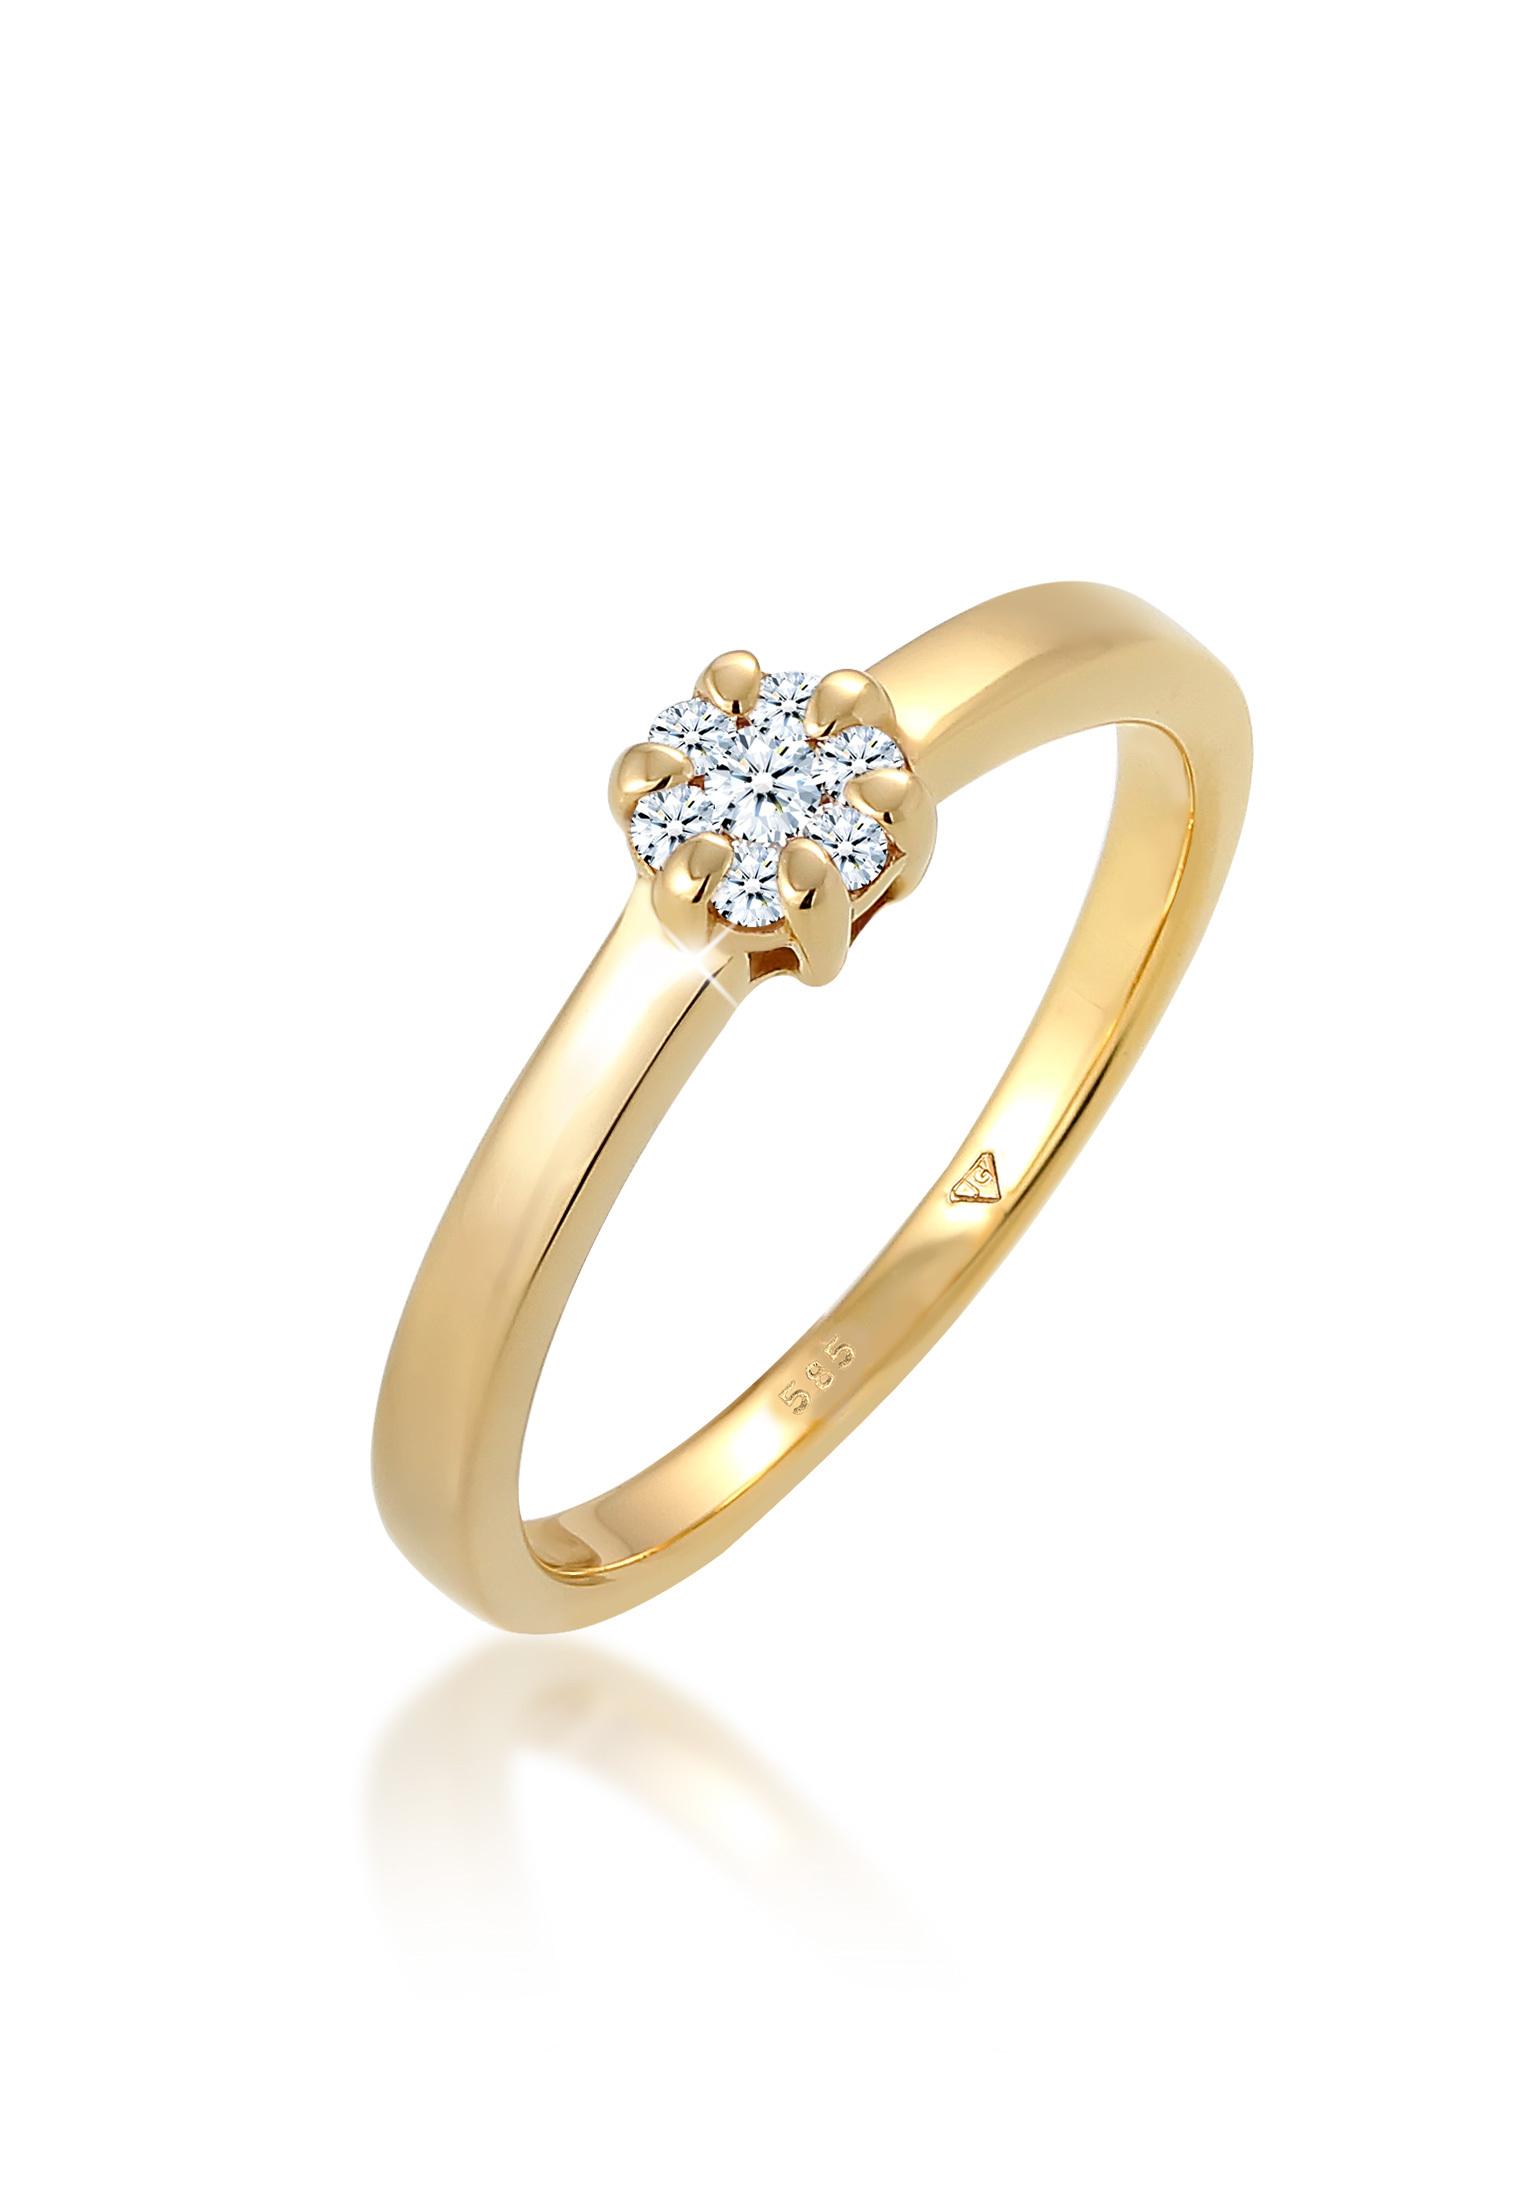 Solitär-Ring | Diamant ( Weiß, 0,12 ct ) | 585 Gelbgold